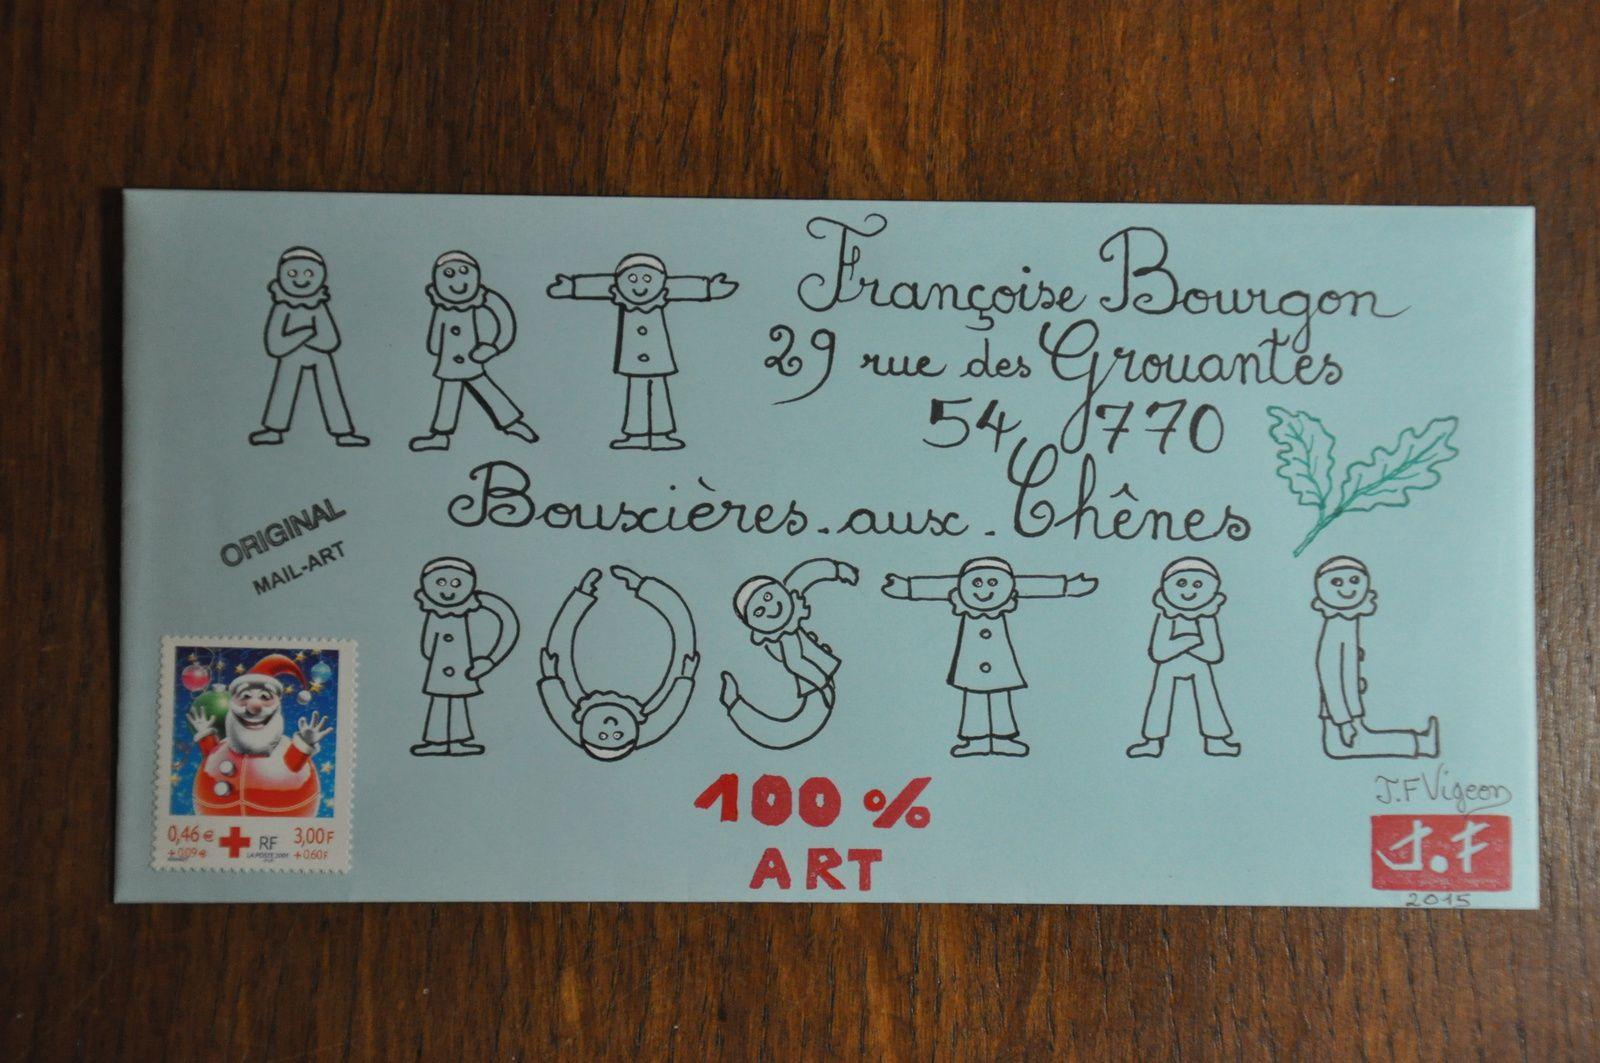 Pour Françoise Bourgon.